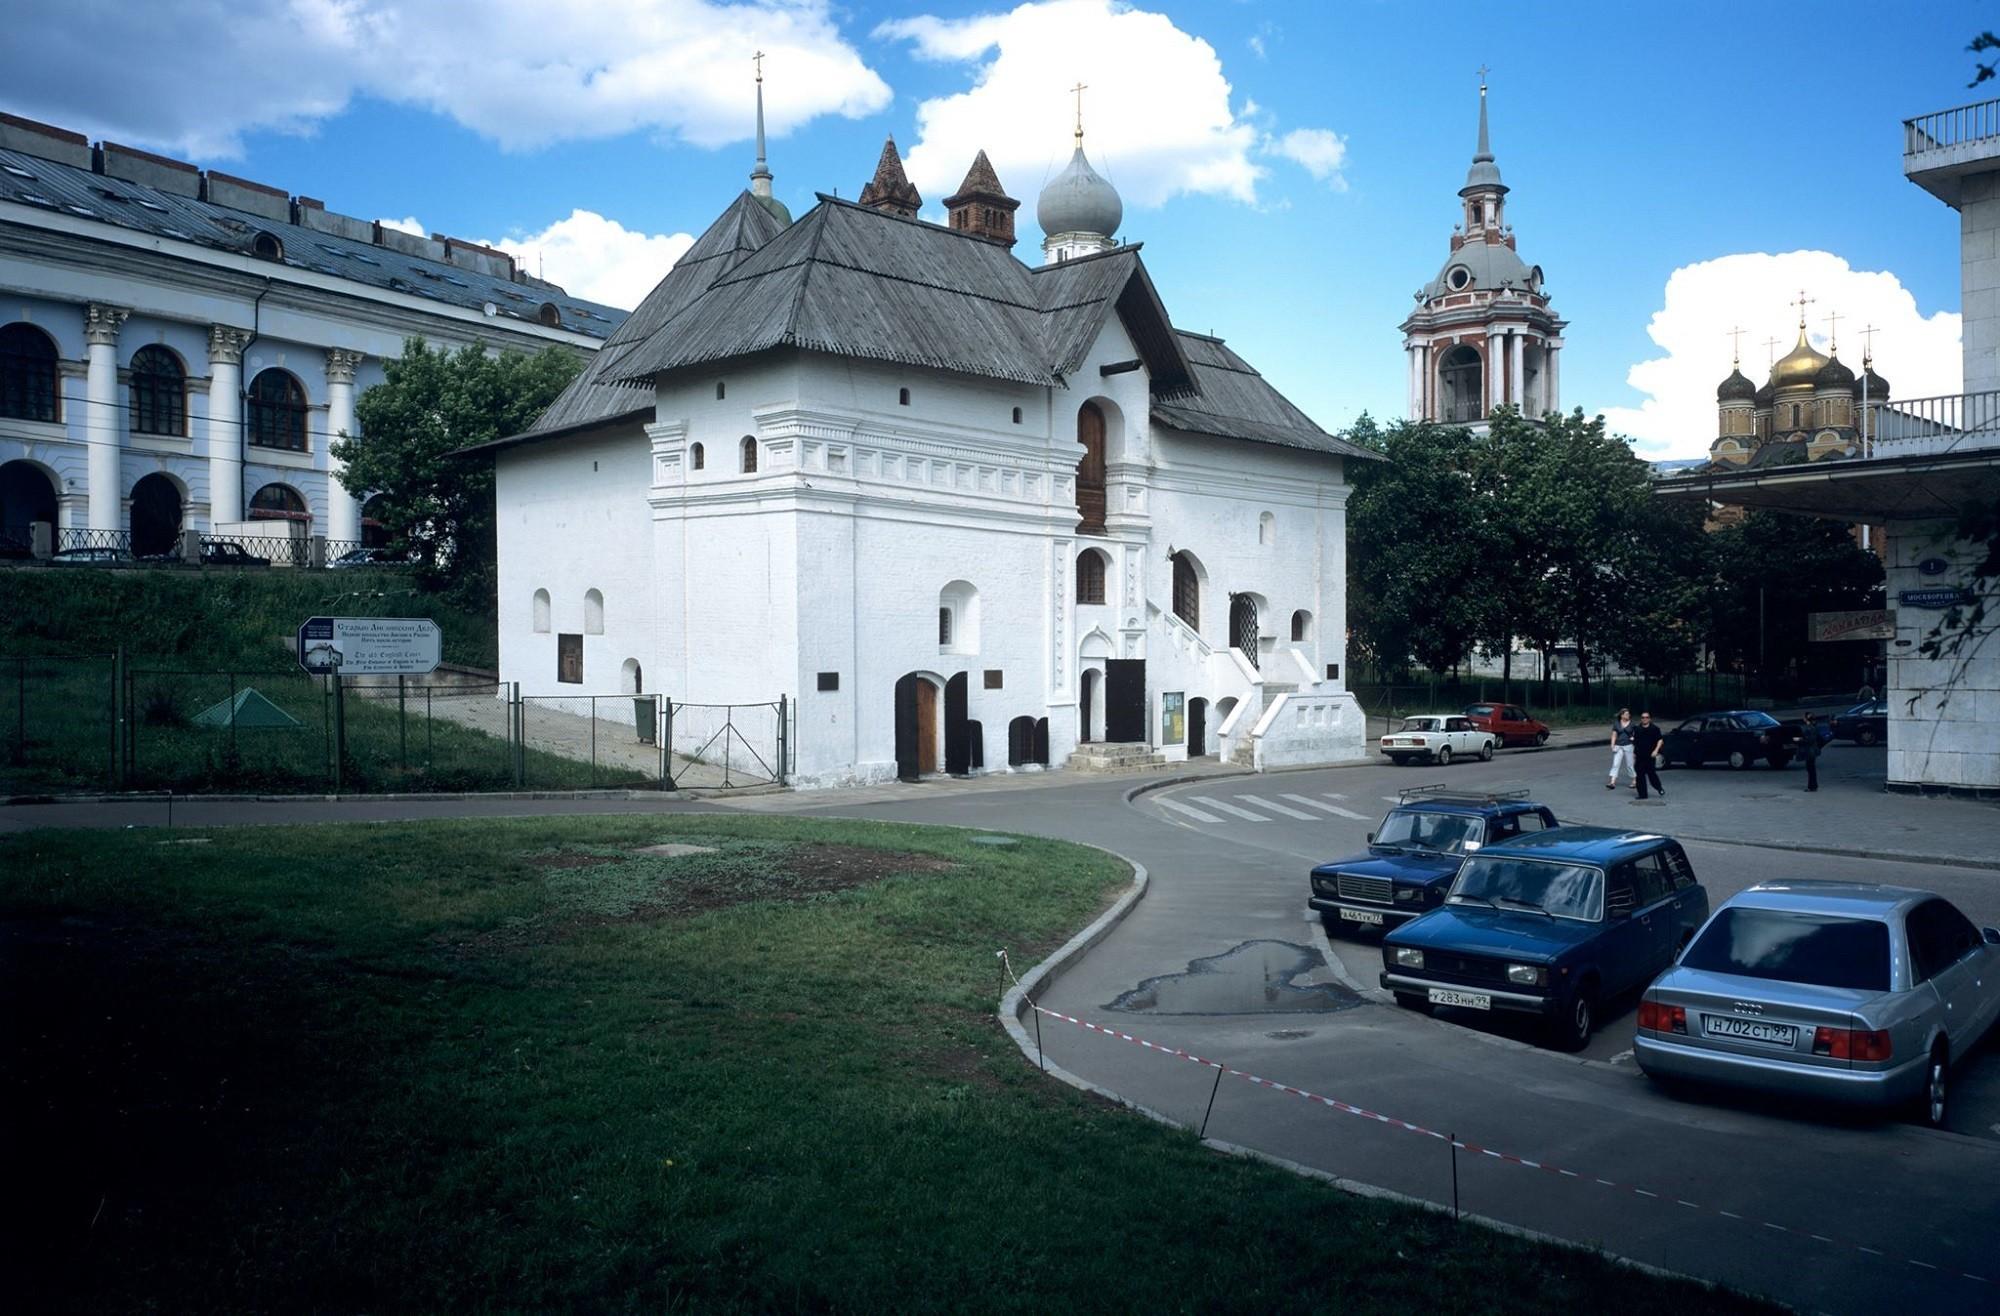 музей старый английский двор фото смесь